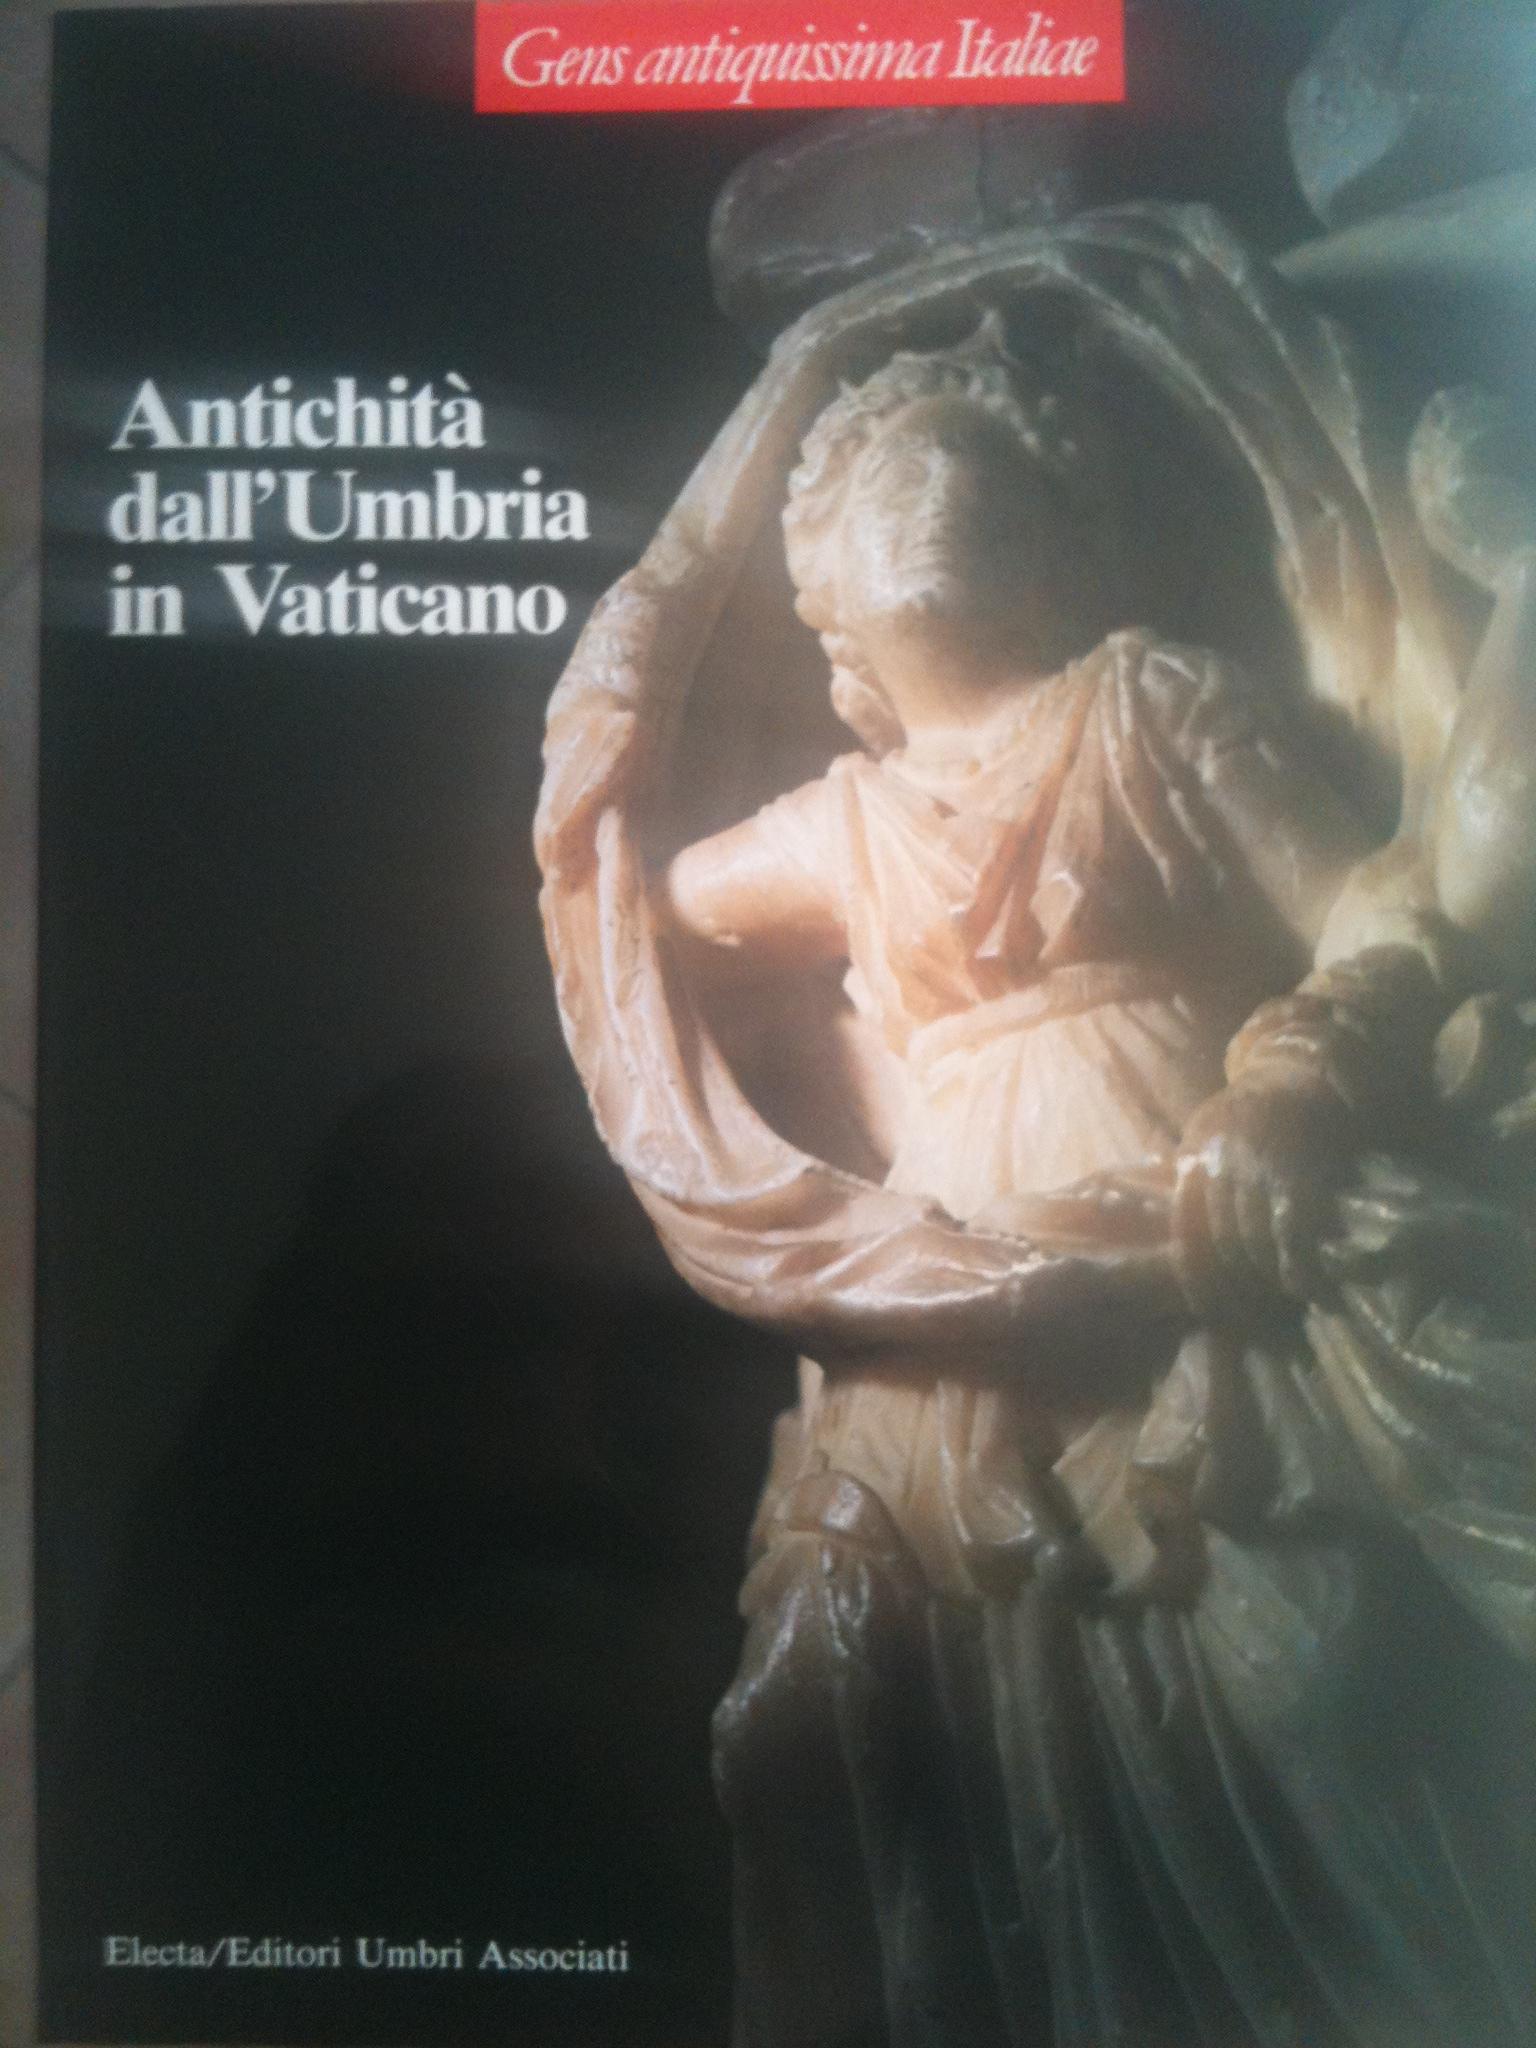 Antichità dall'Umbria in Vaticano